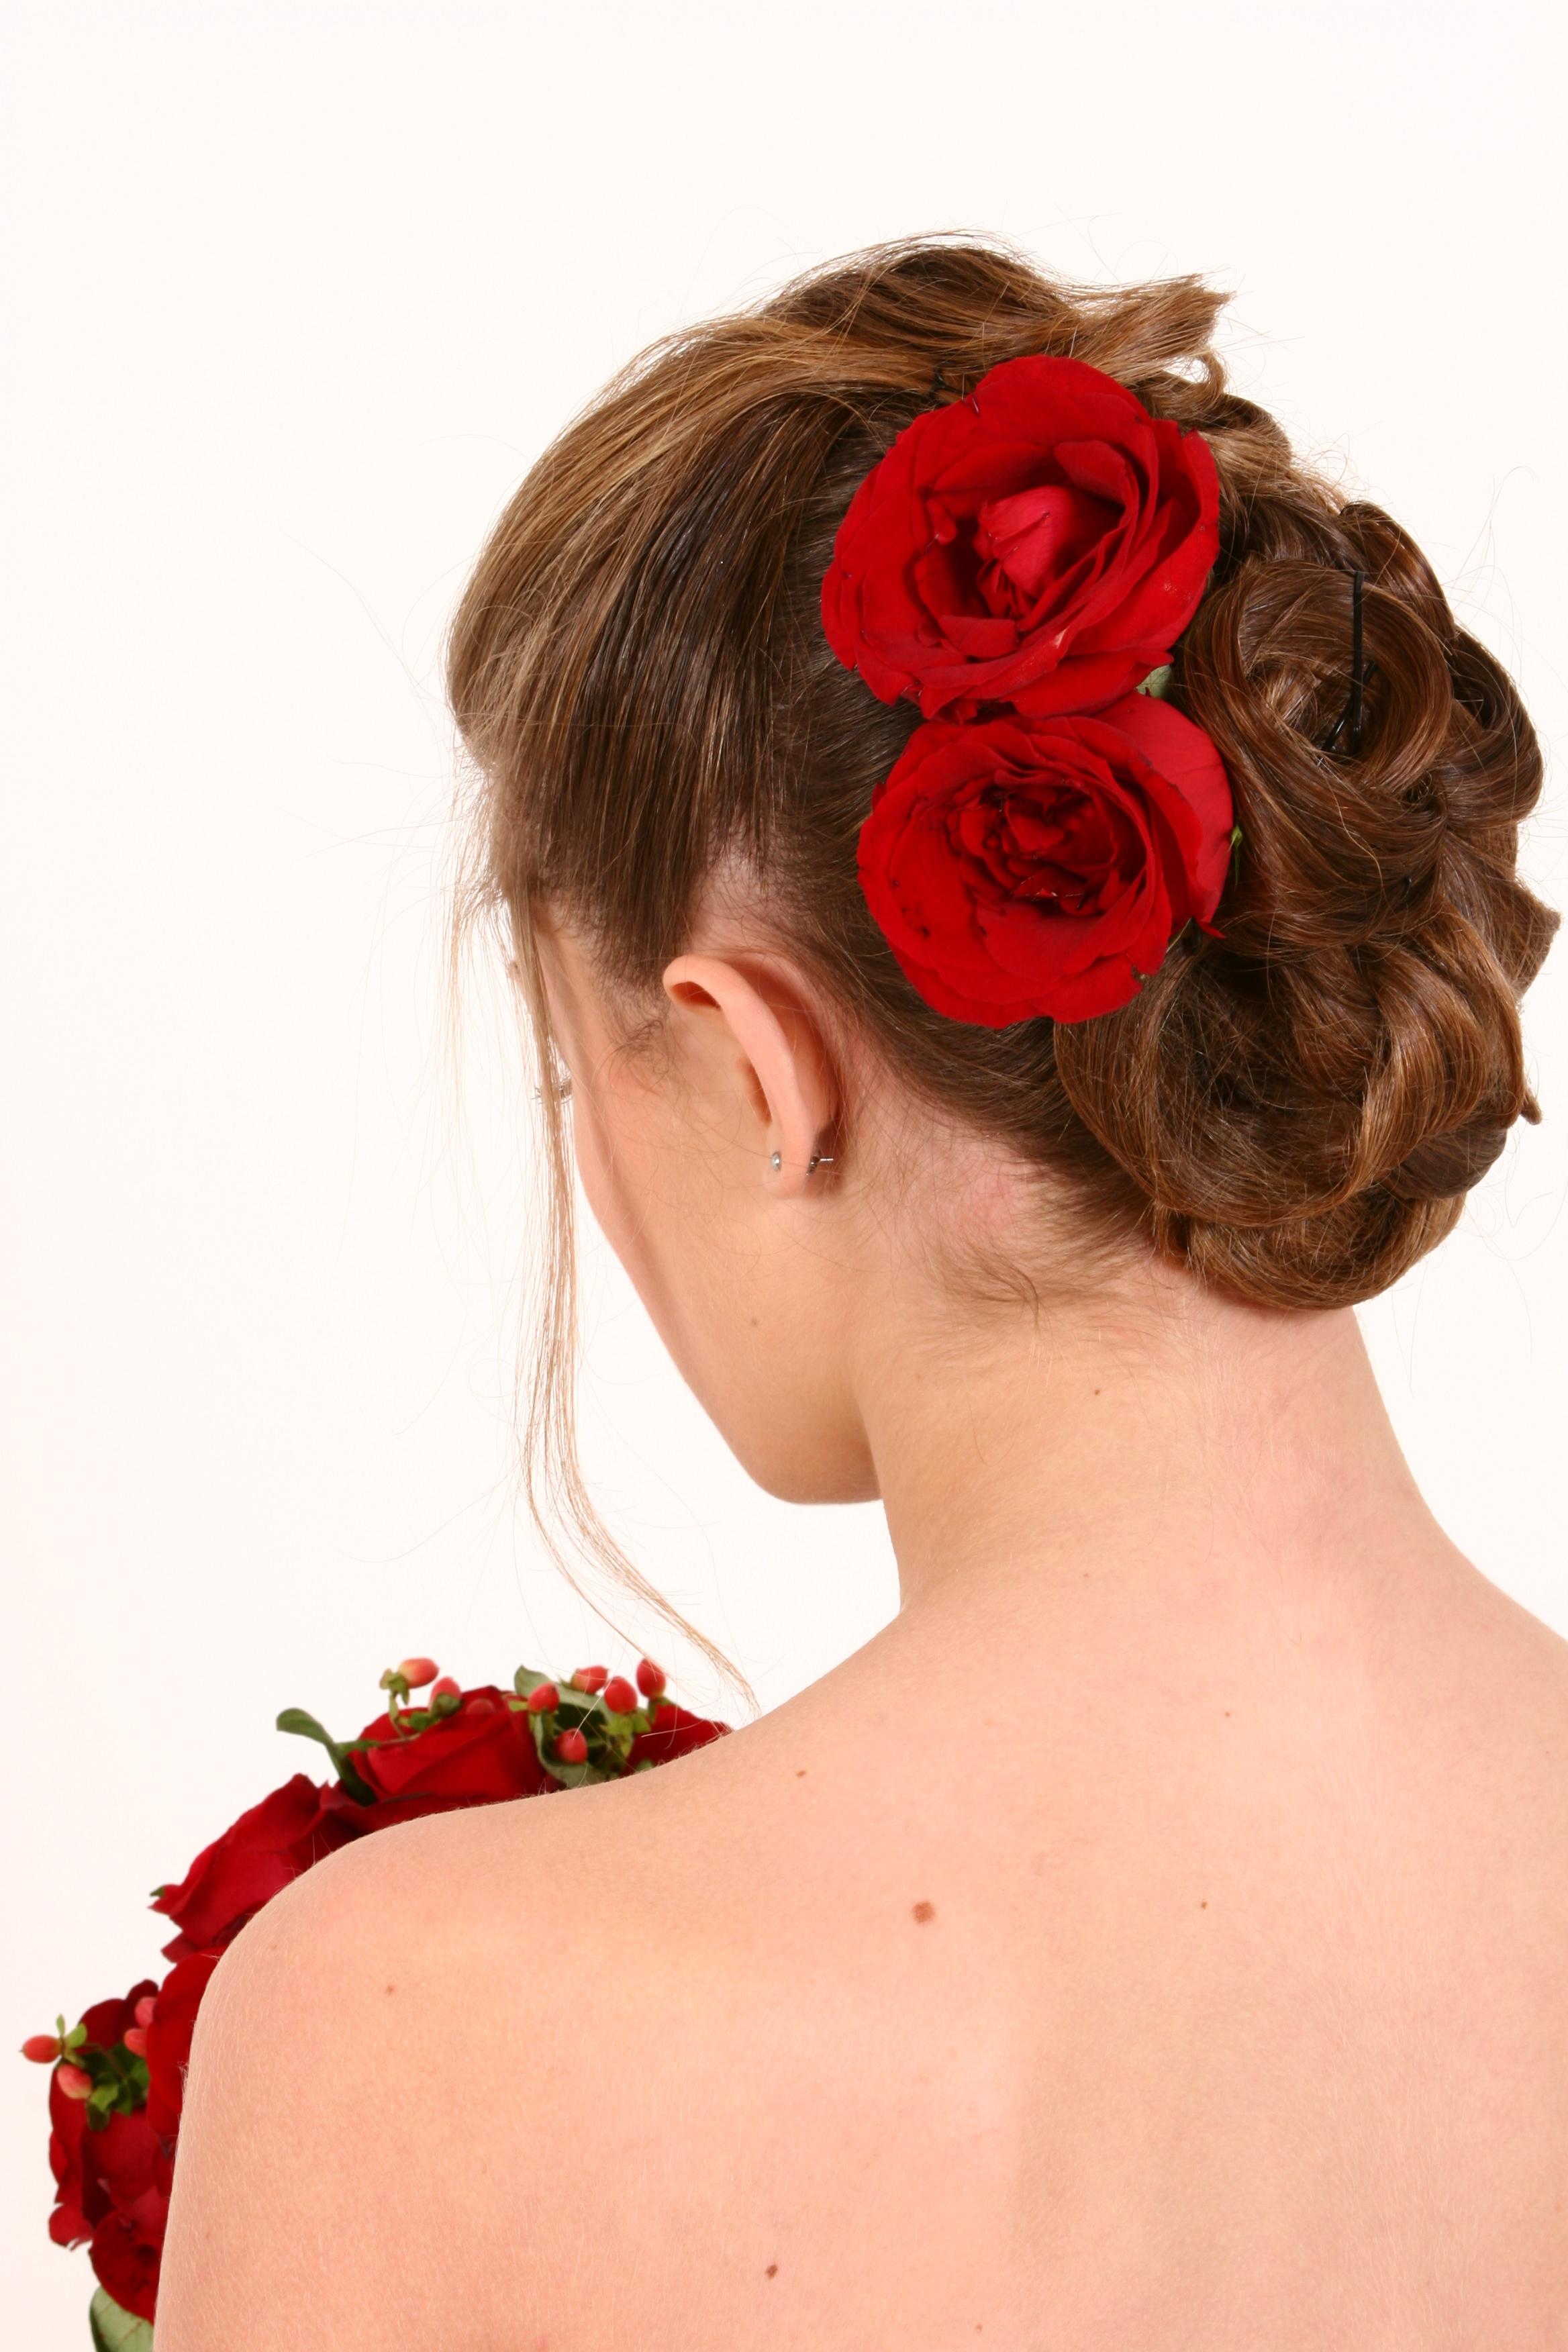 noiva, estilo tango, flores vermelhas, casamento cabelo  cabeleireiro(a) docente / professor(a) maquiador(a) stylist /visagista